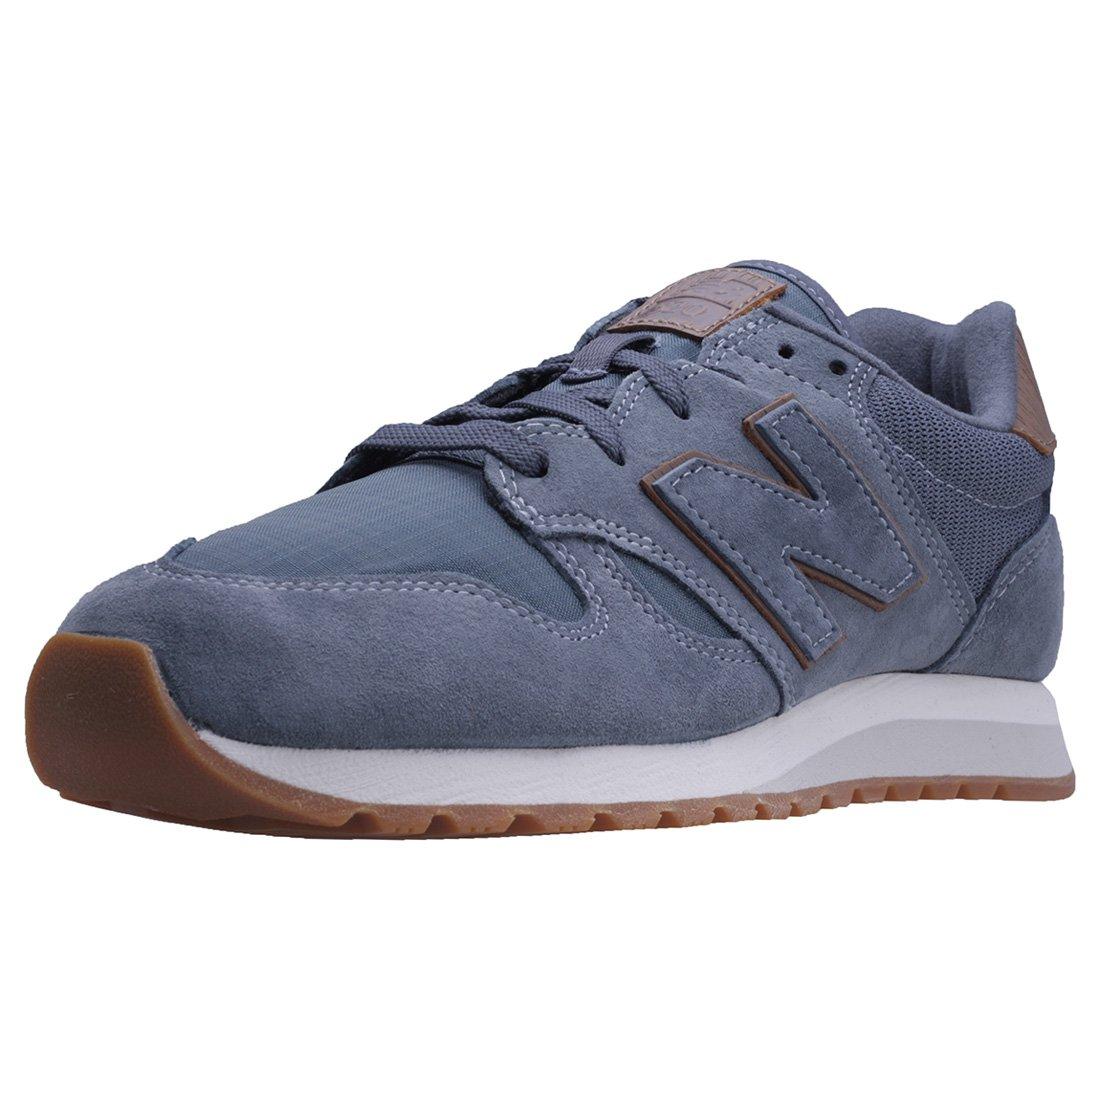 New Balance 520 Hombre Zapatillas Azul 41.5 EU|Azul